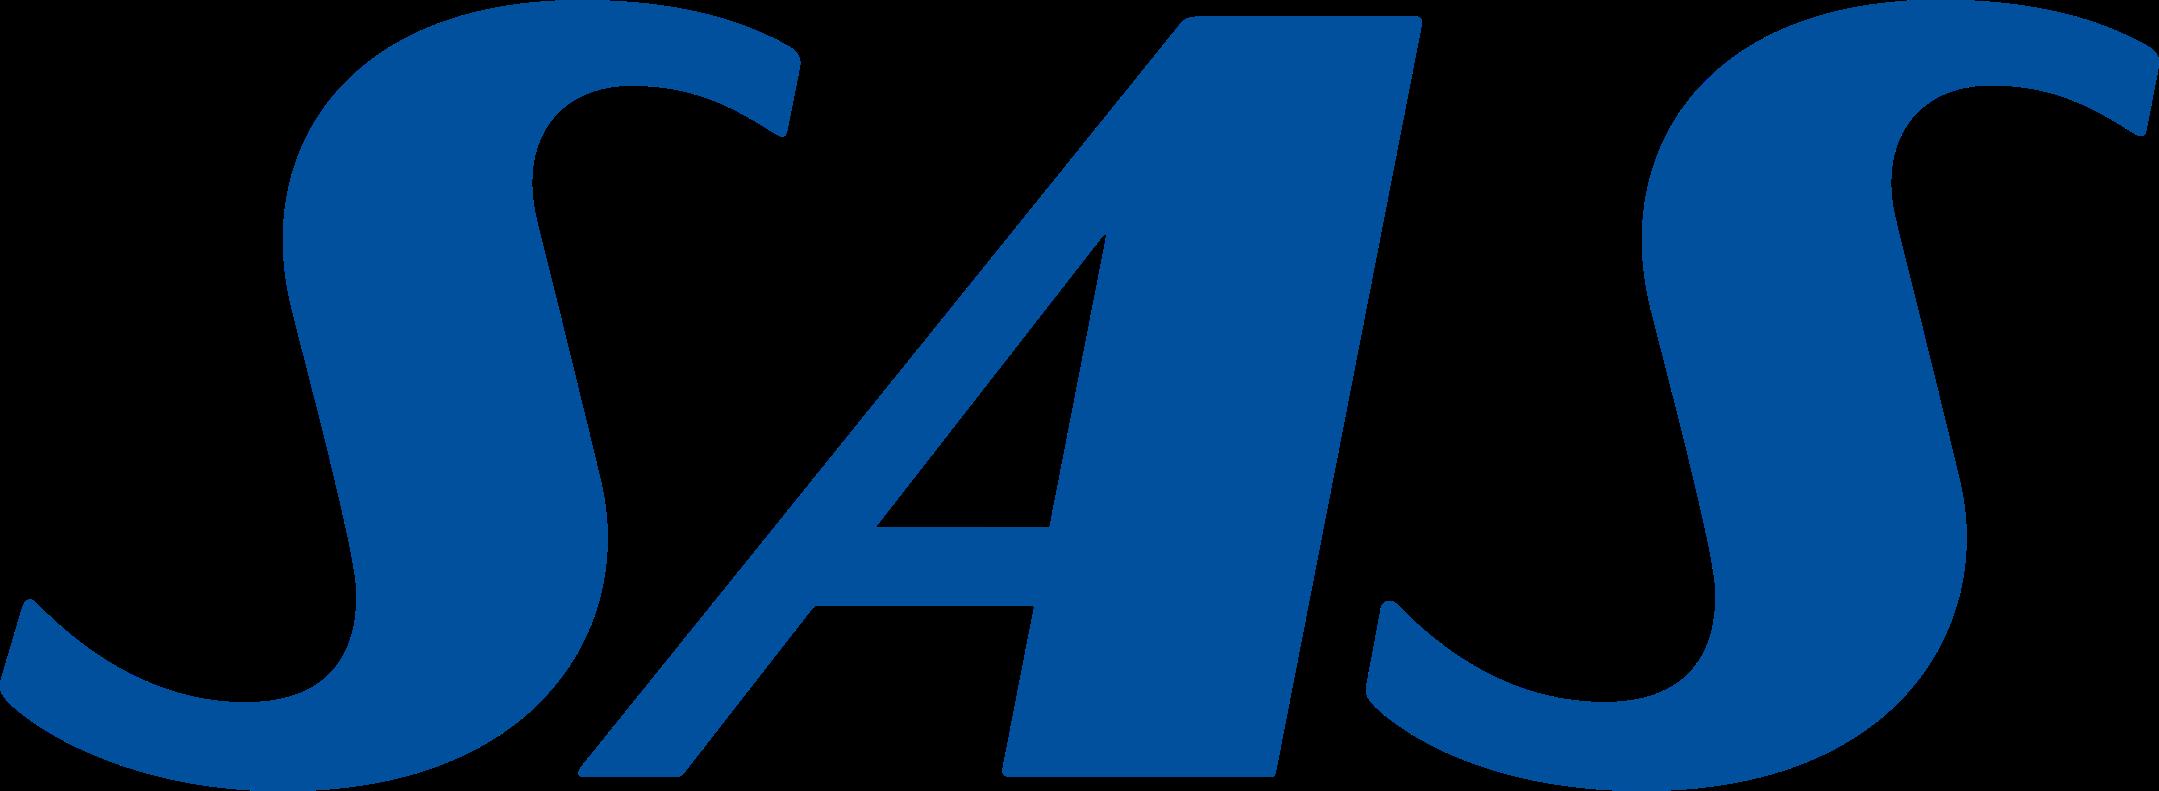 sas airlines logo 1 - SAS Logo